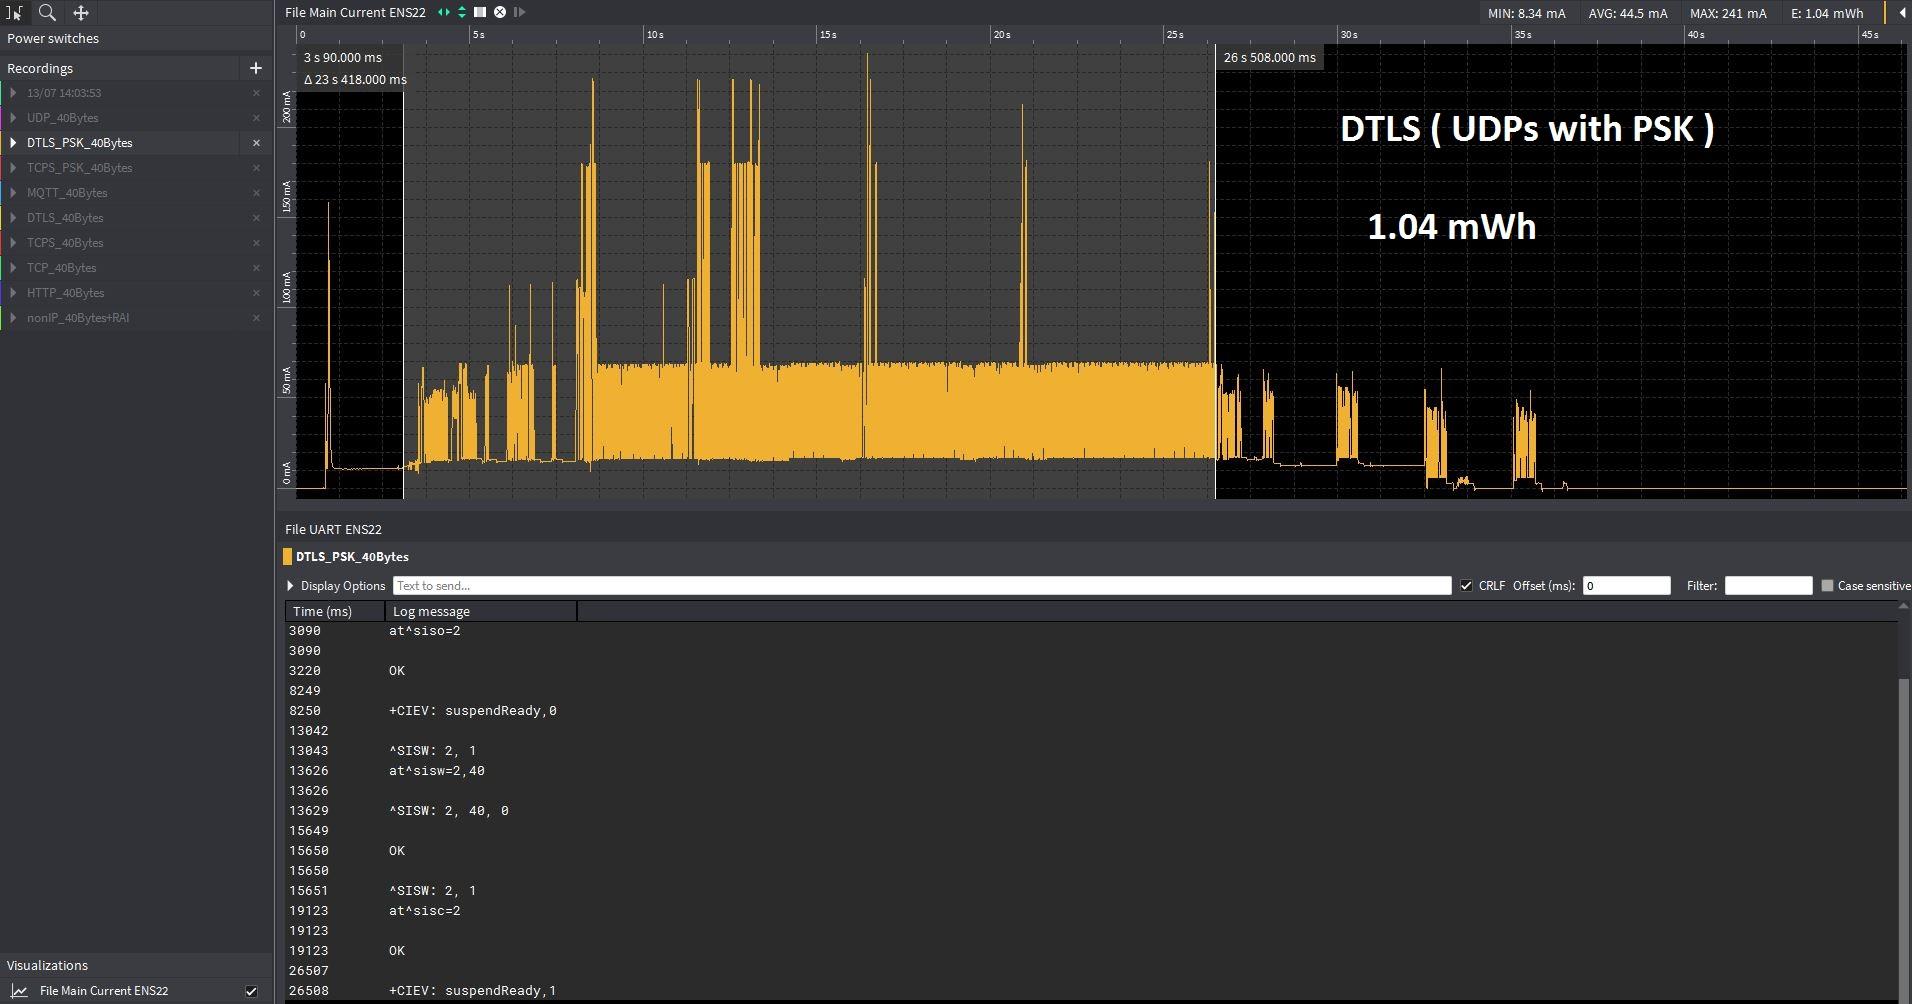 Data via secure UDP socket (DTLS PSK) preshared key power consumption